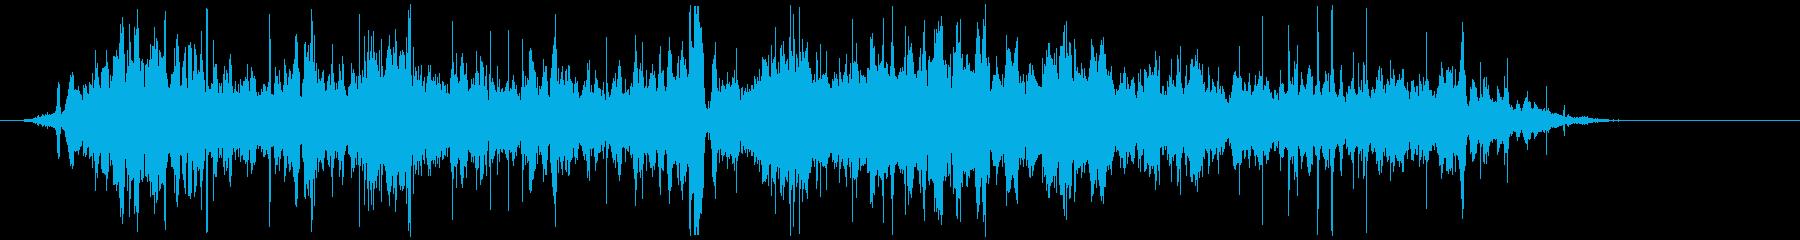 リオのエルロシオブリシオの再生済みの波形